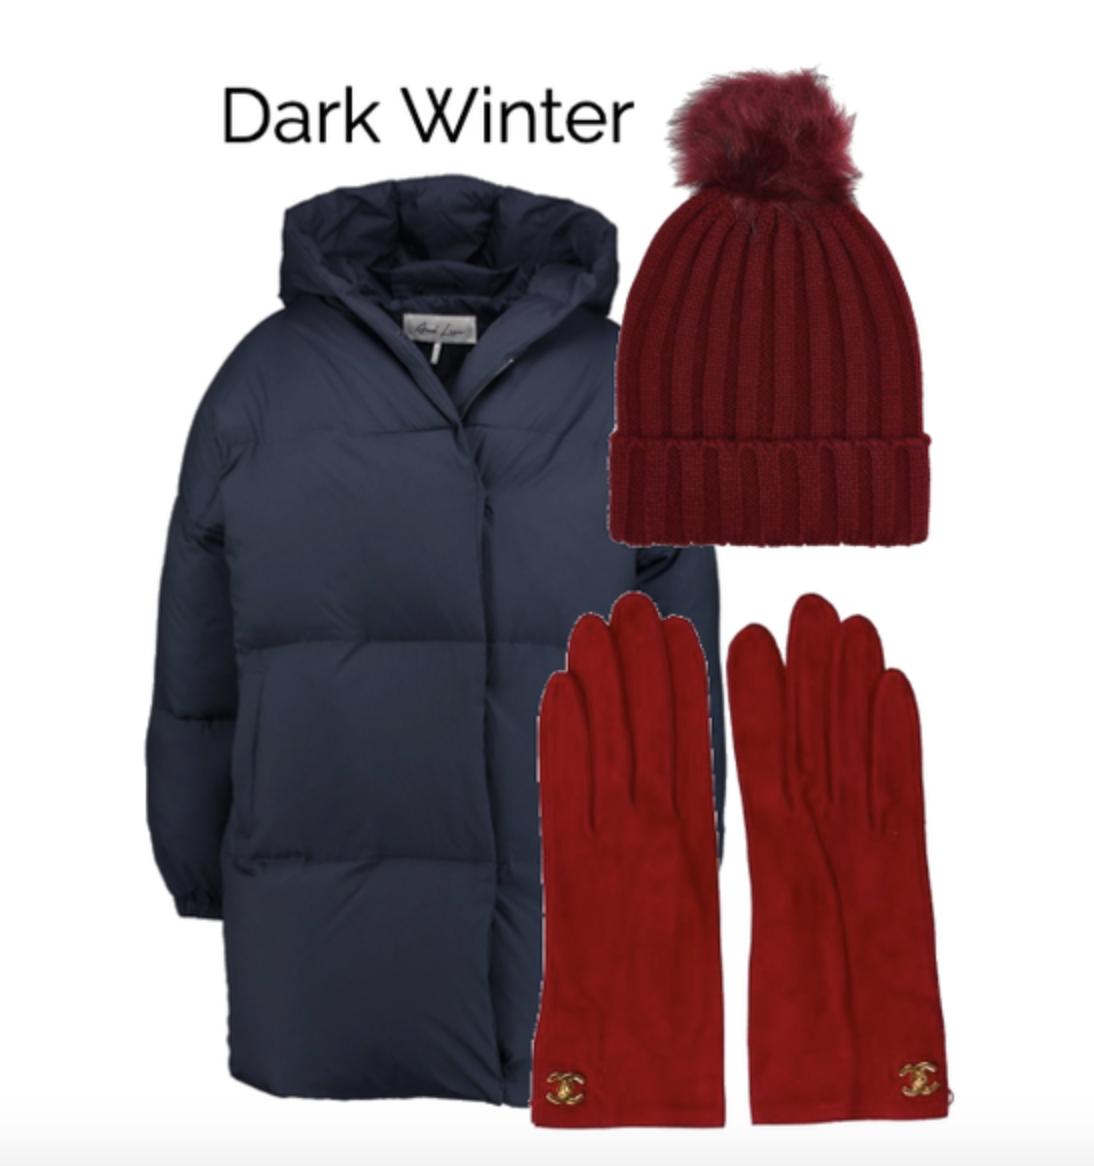 Winter coat for Dark Winter